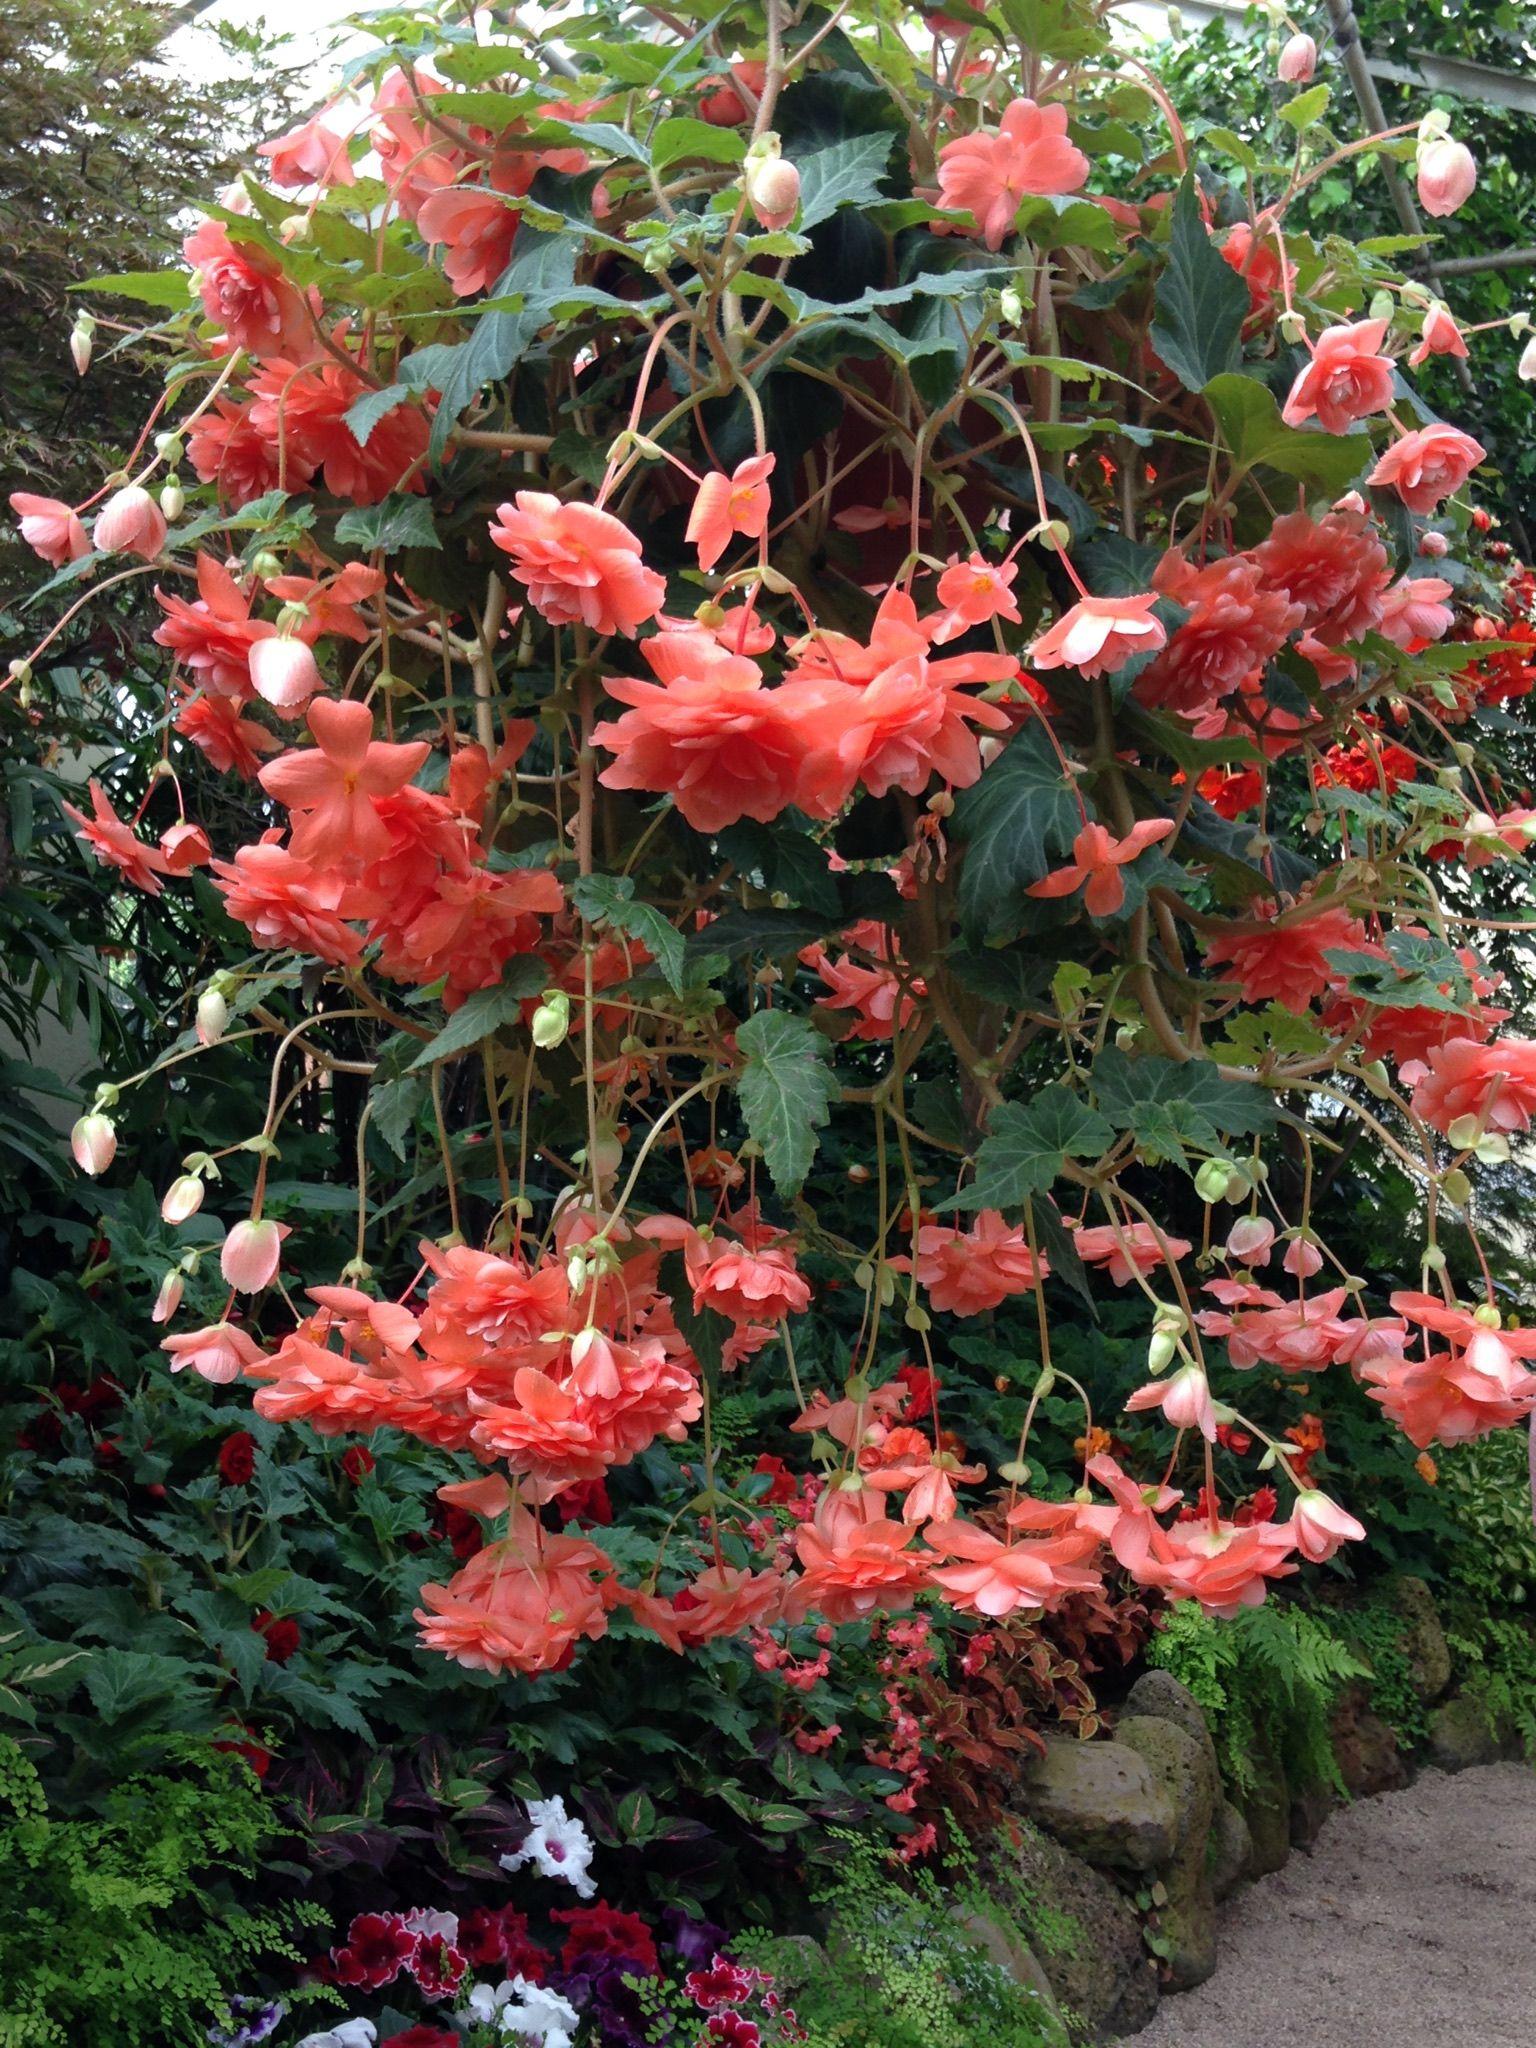 Begonias Fitzroy Gardens Melbourne Australia | Natural ...